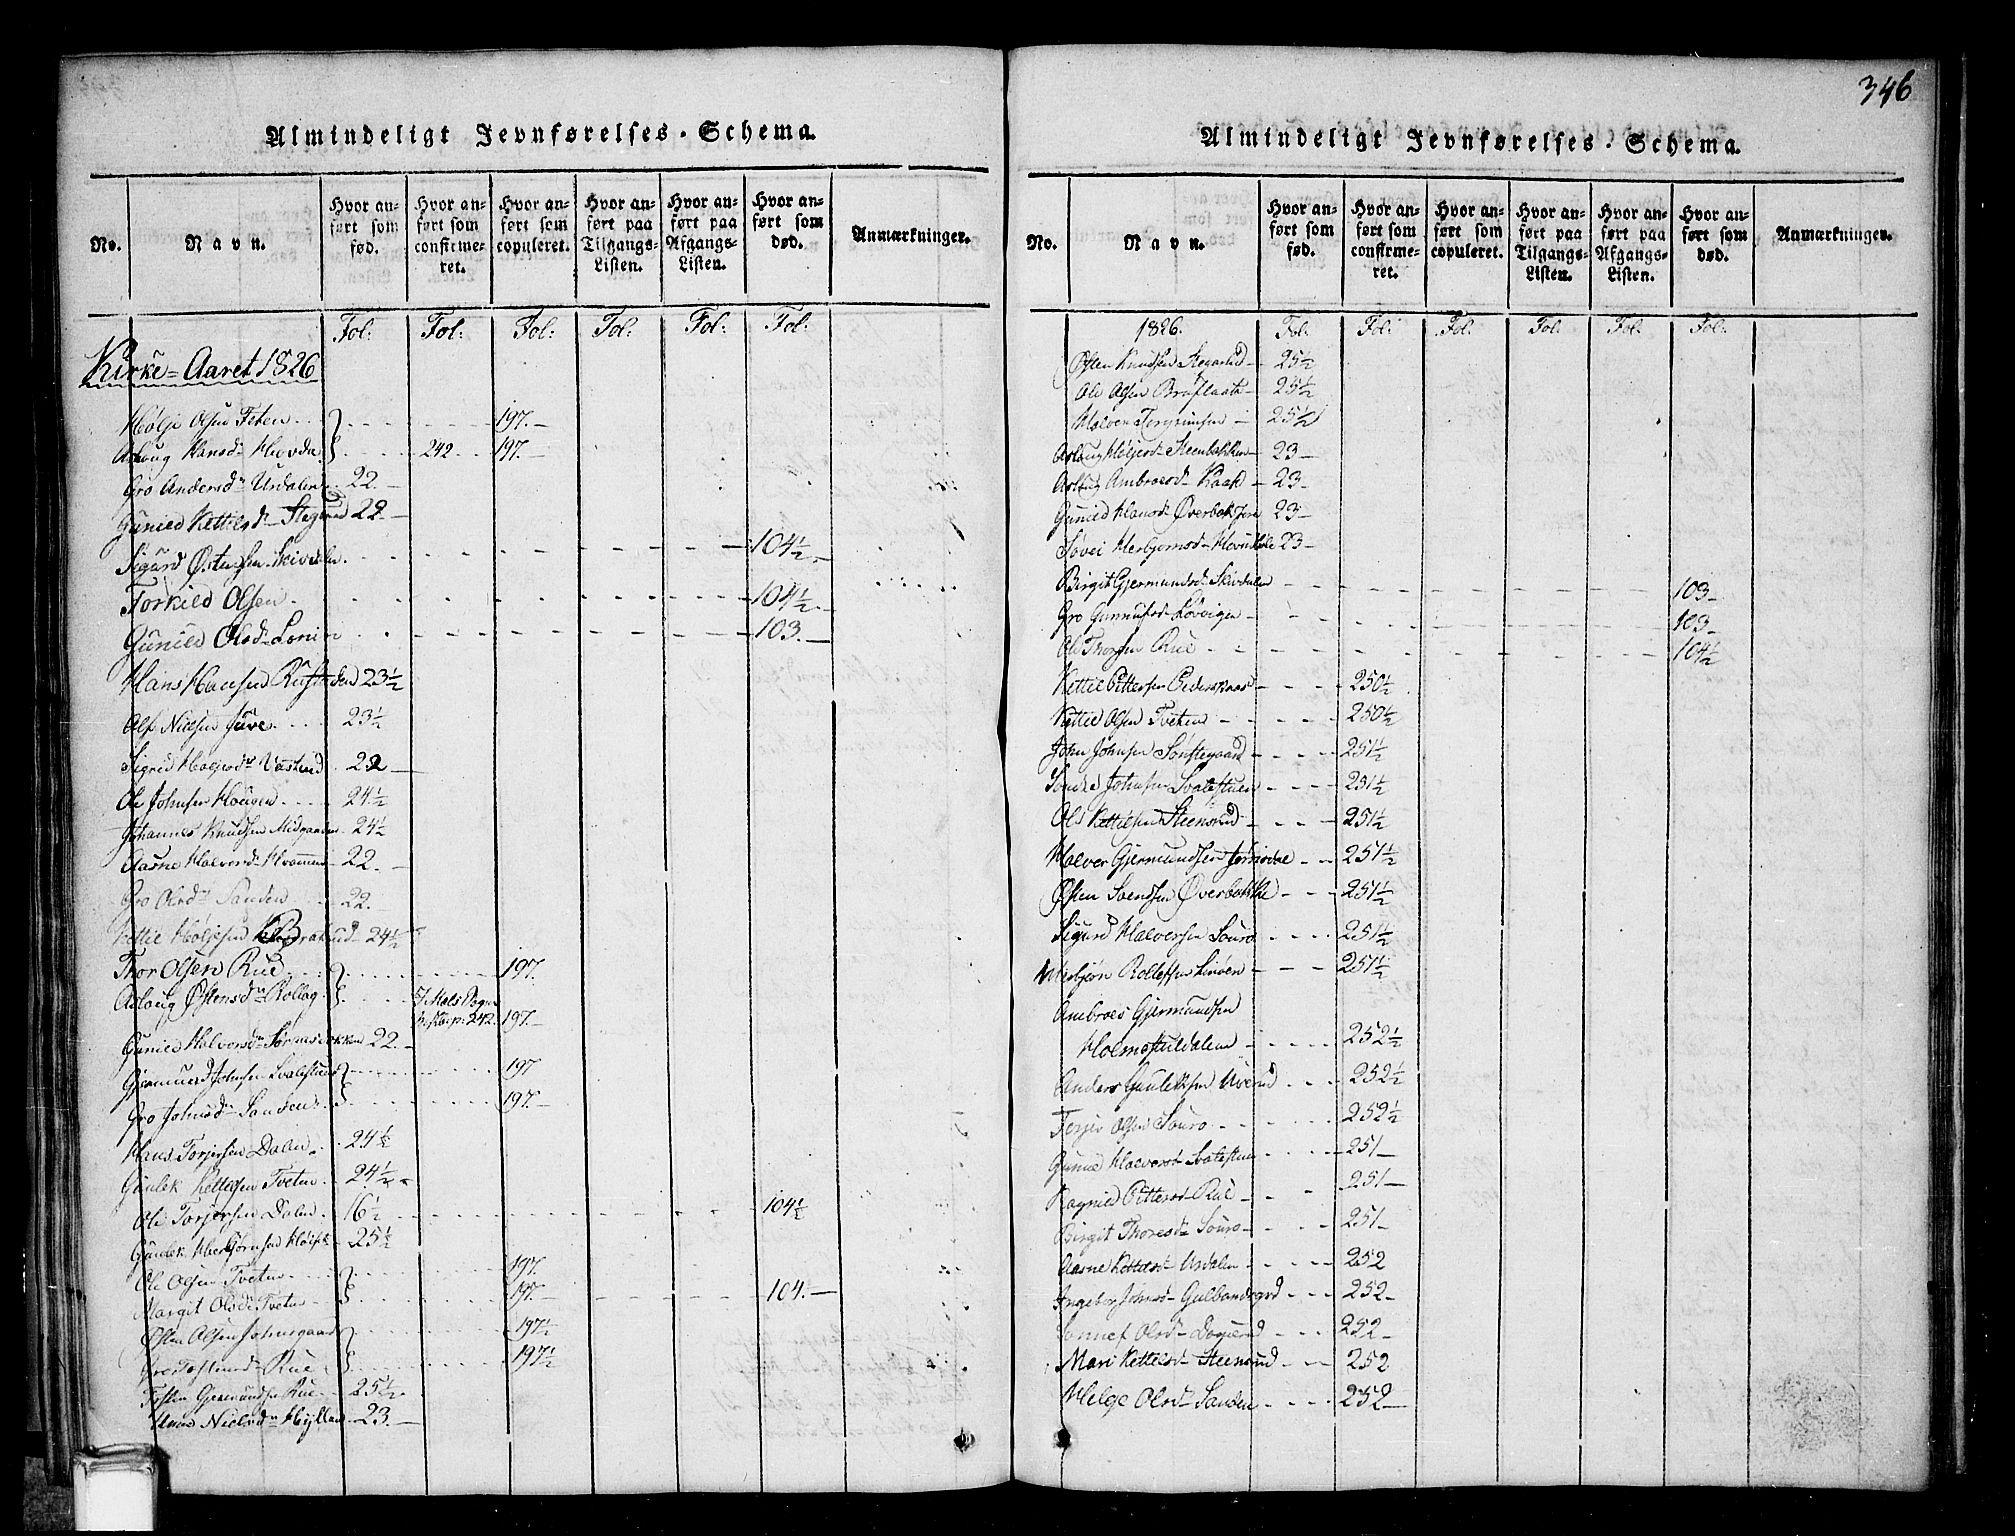 SAKO, Gransherad kirkebøker, G/Gb/L0001: Klokkerbok nr. II 1, 1815-1860, s. 346